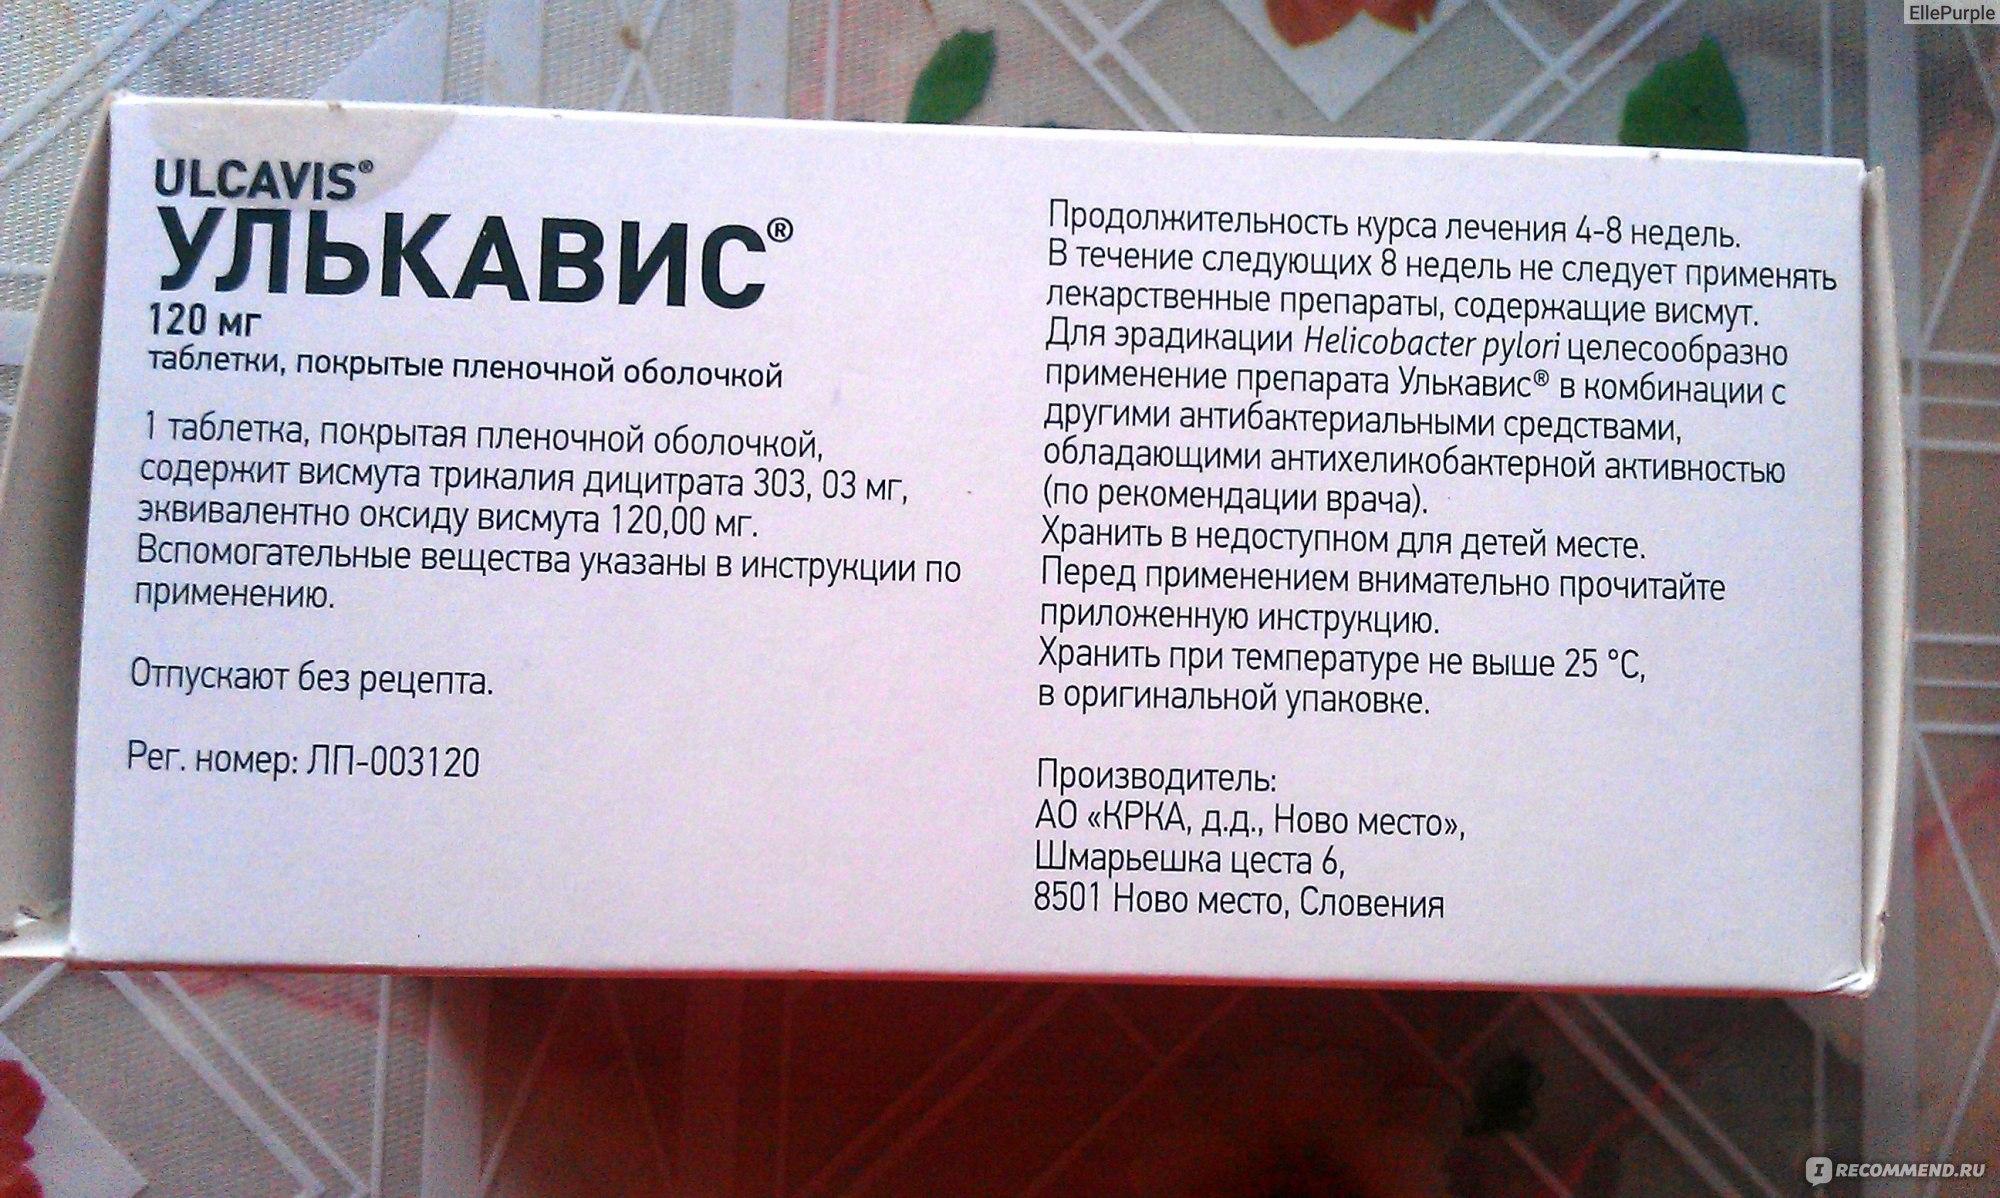 Улькавис: инструкция по применению, аналоги и отзывы, цены в аптеках россии